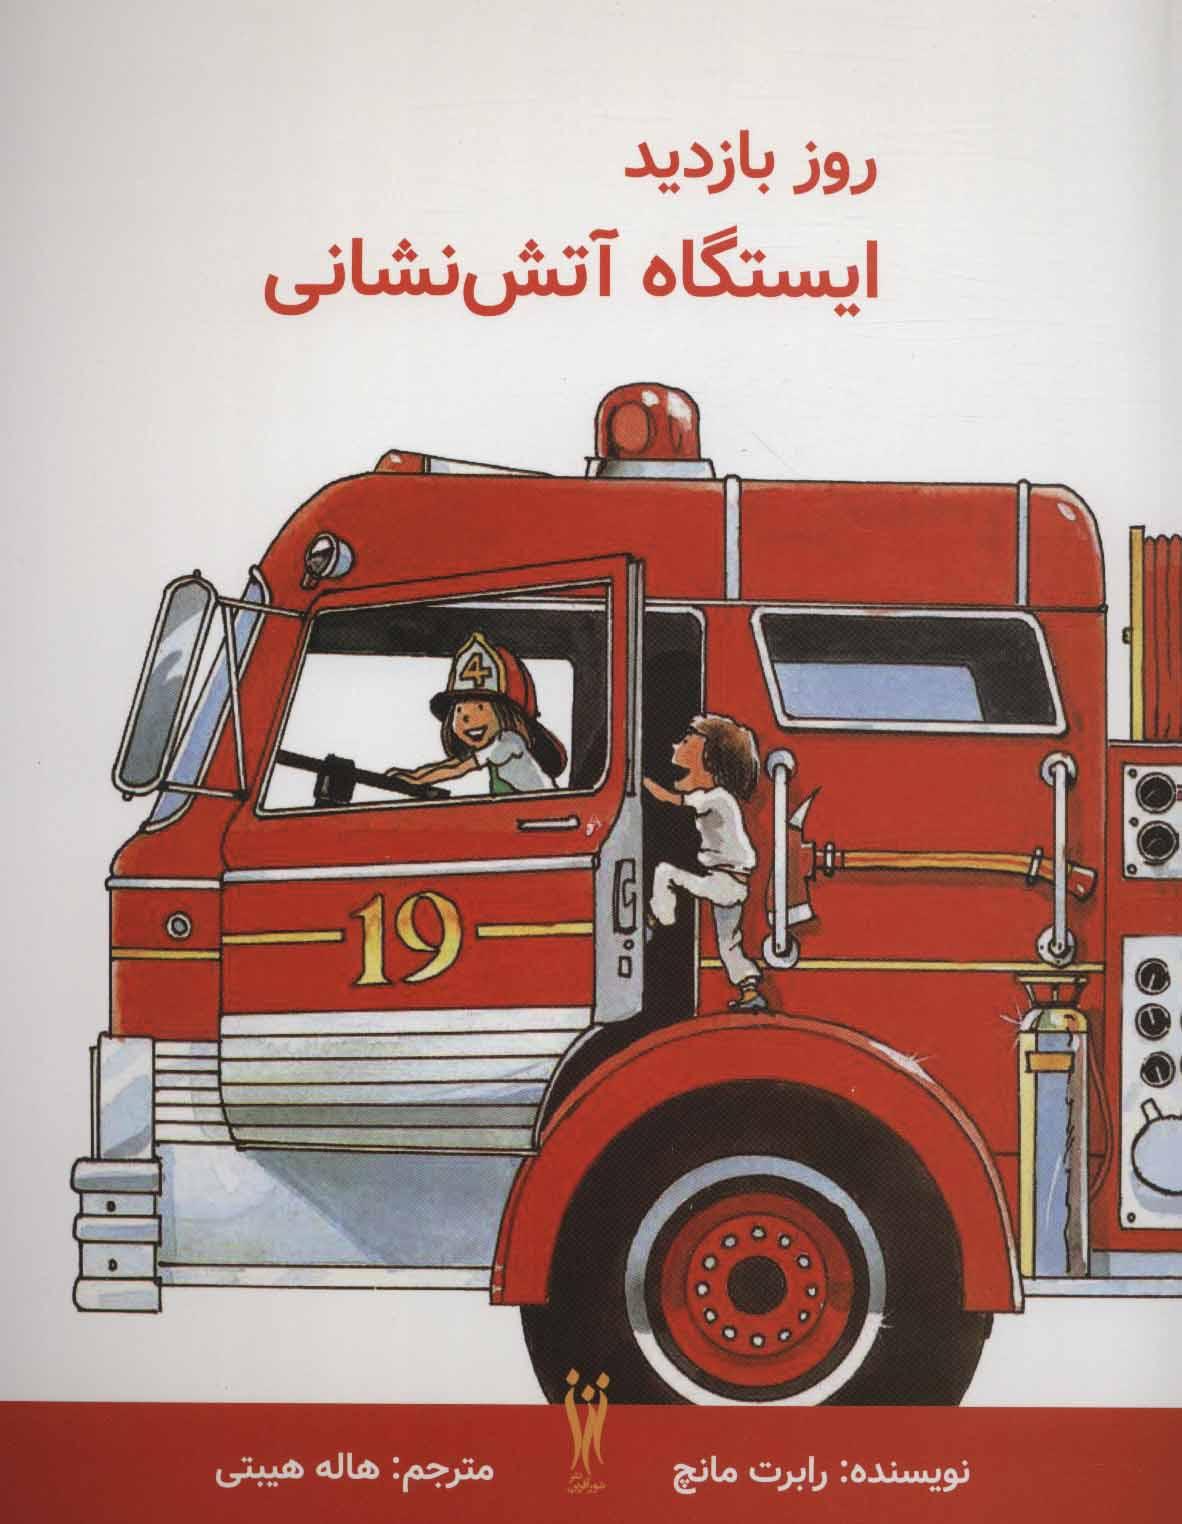 روز بازدید ایستگاه آتش نشانی (گلاسه)